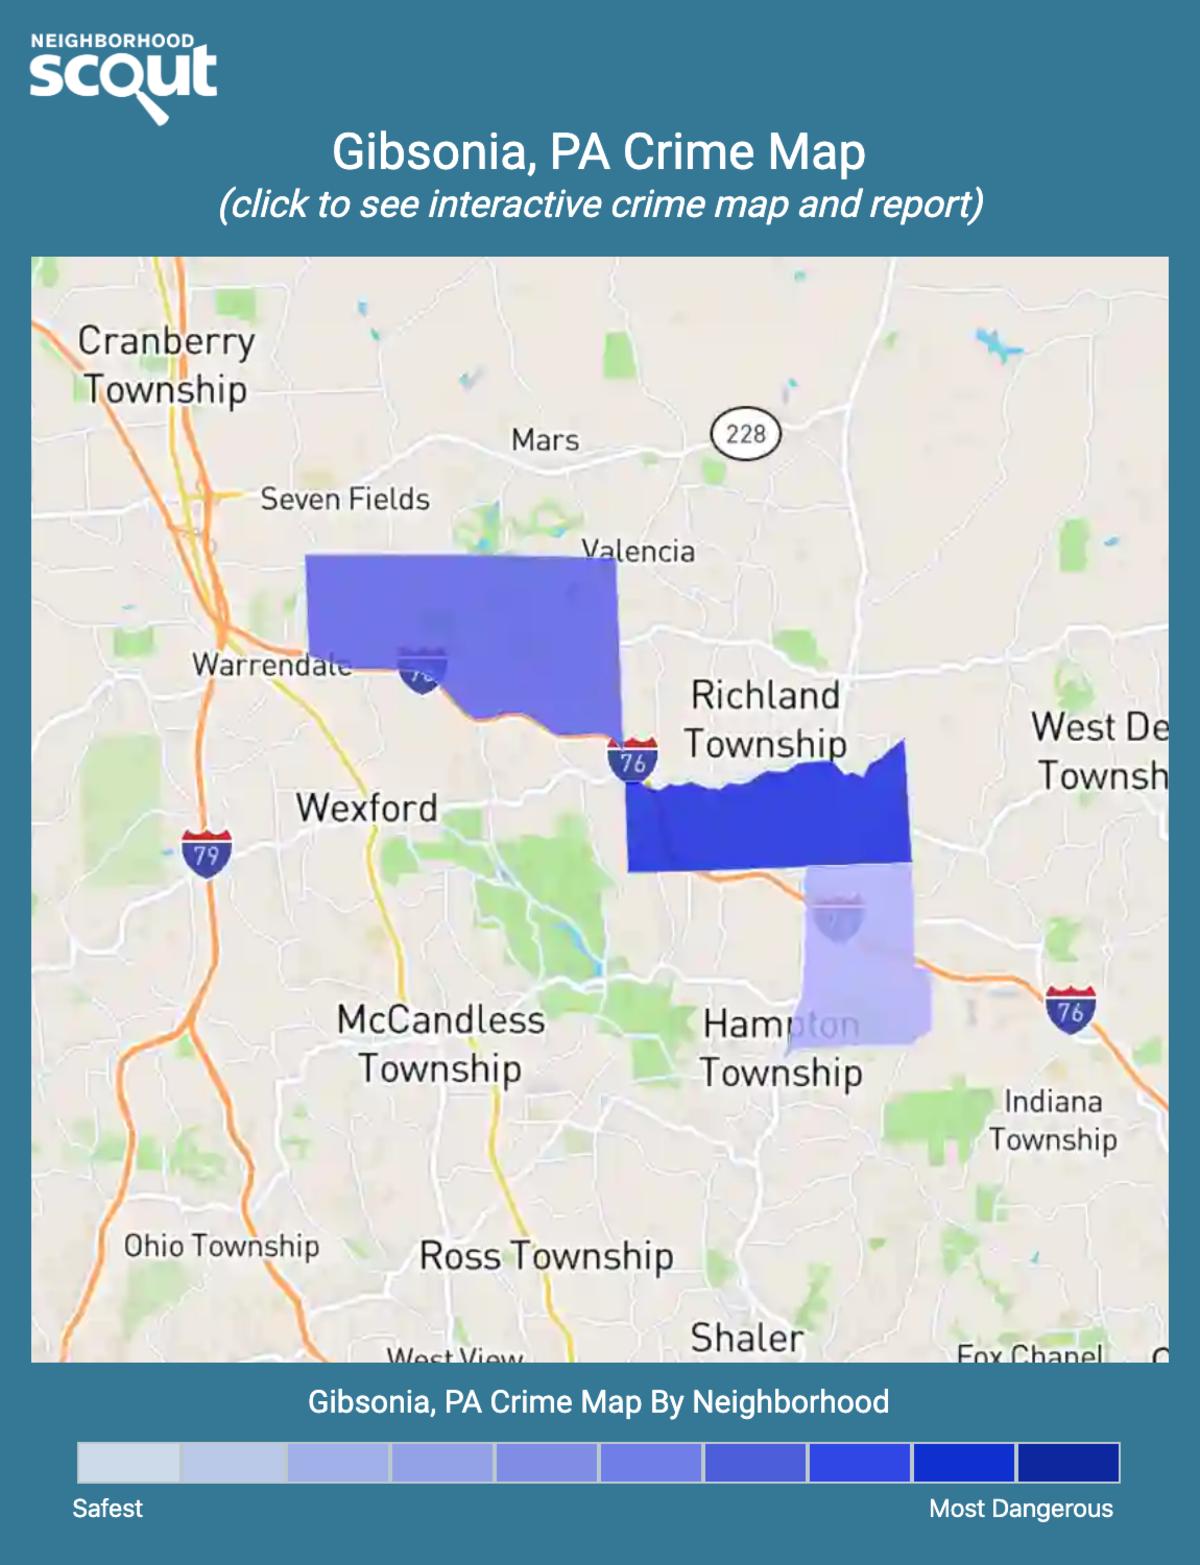 Gibsonia, Pennsylvania crime map